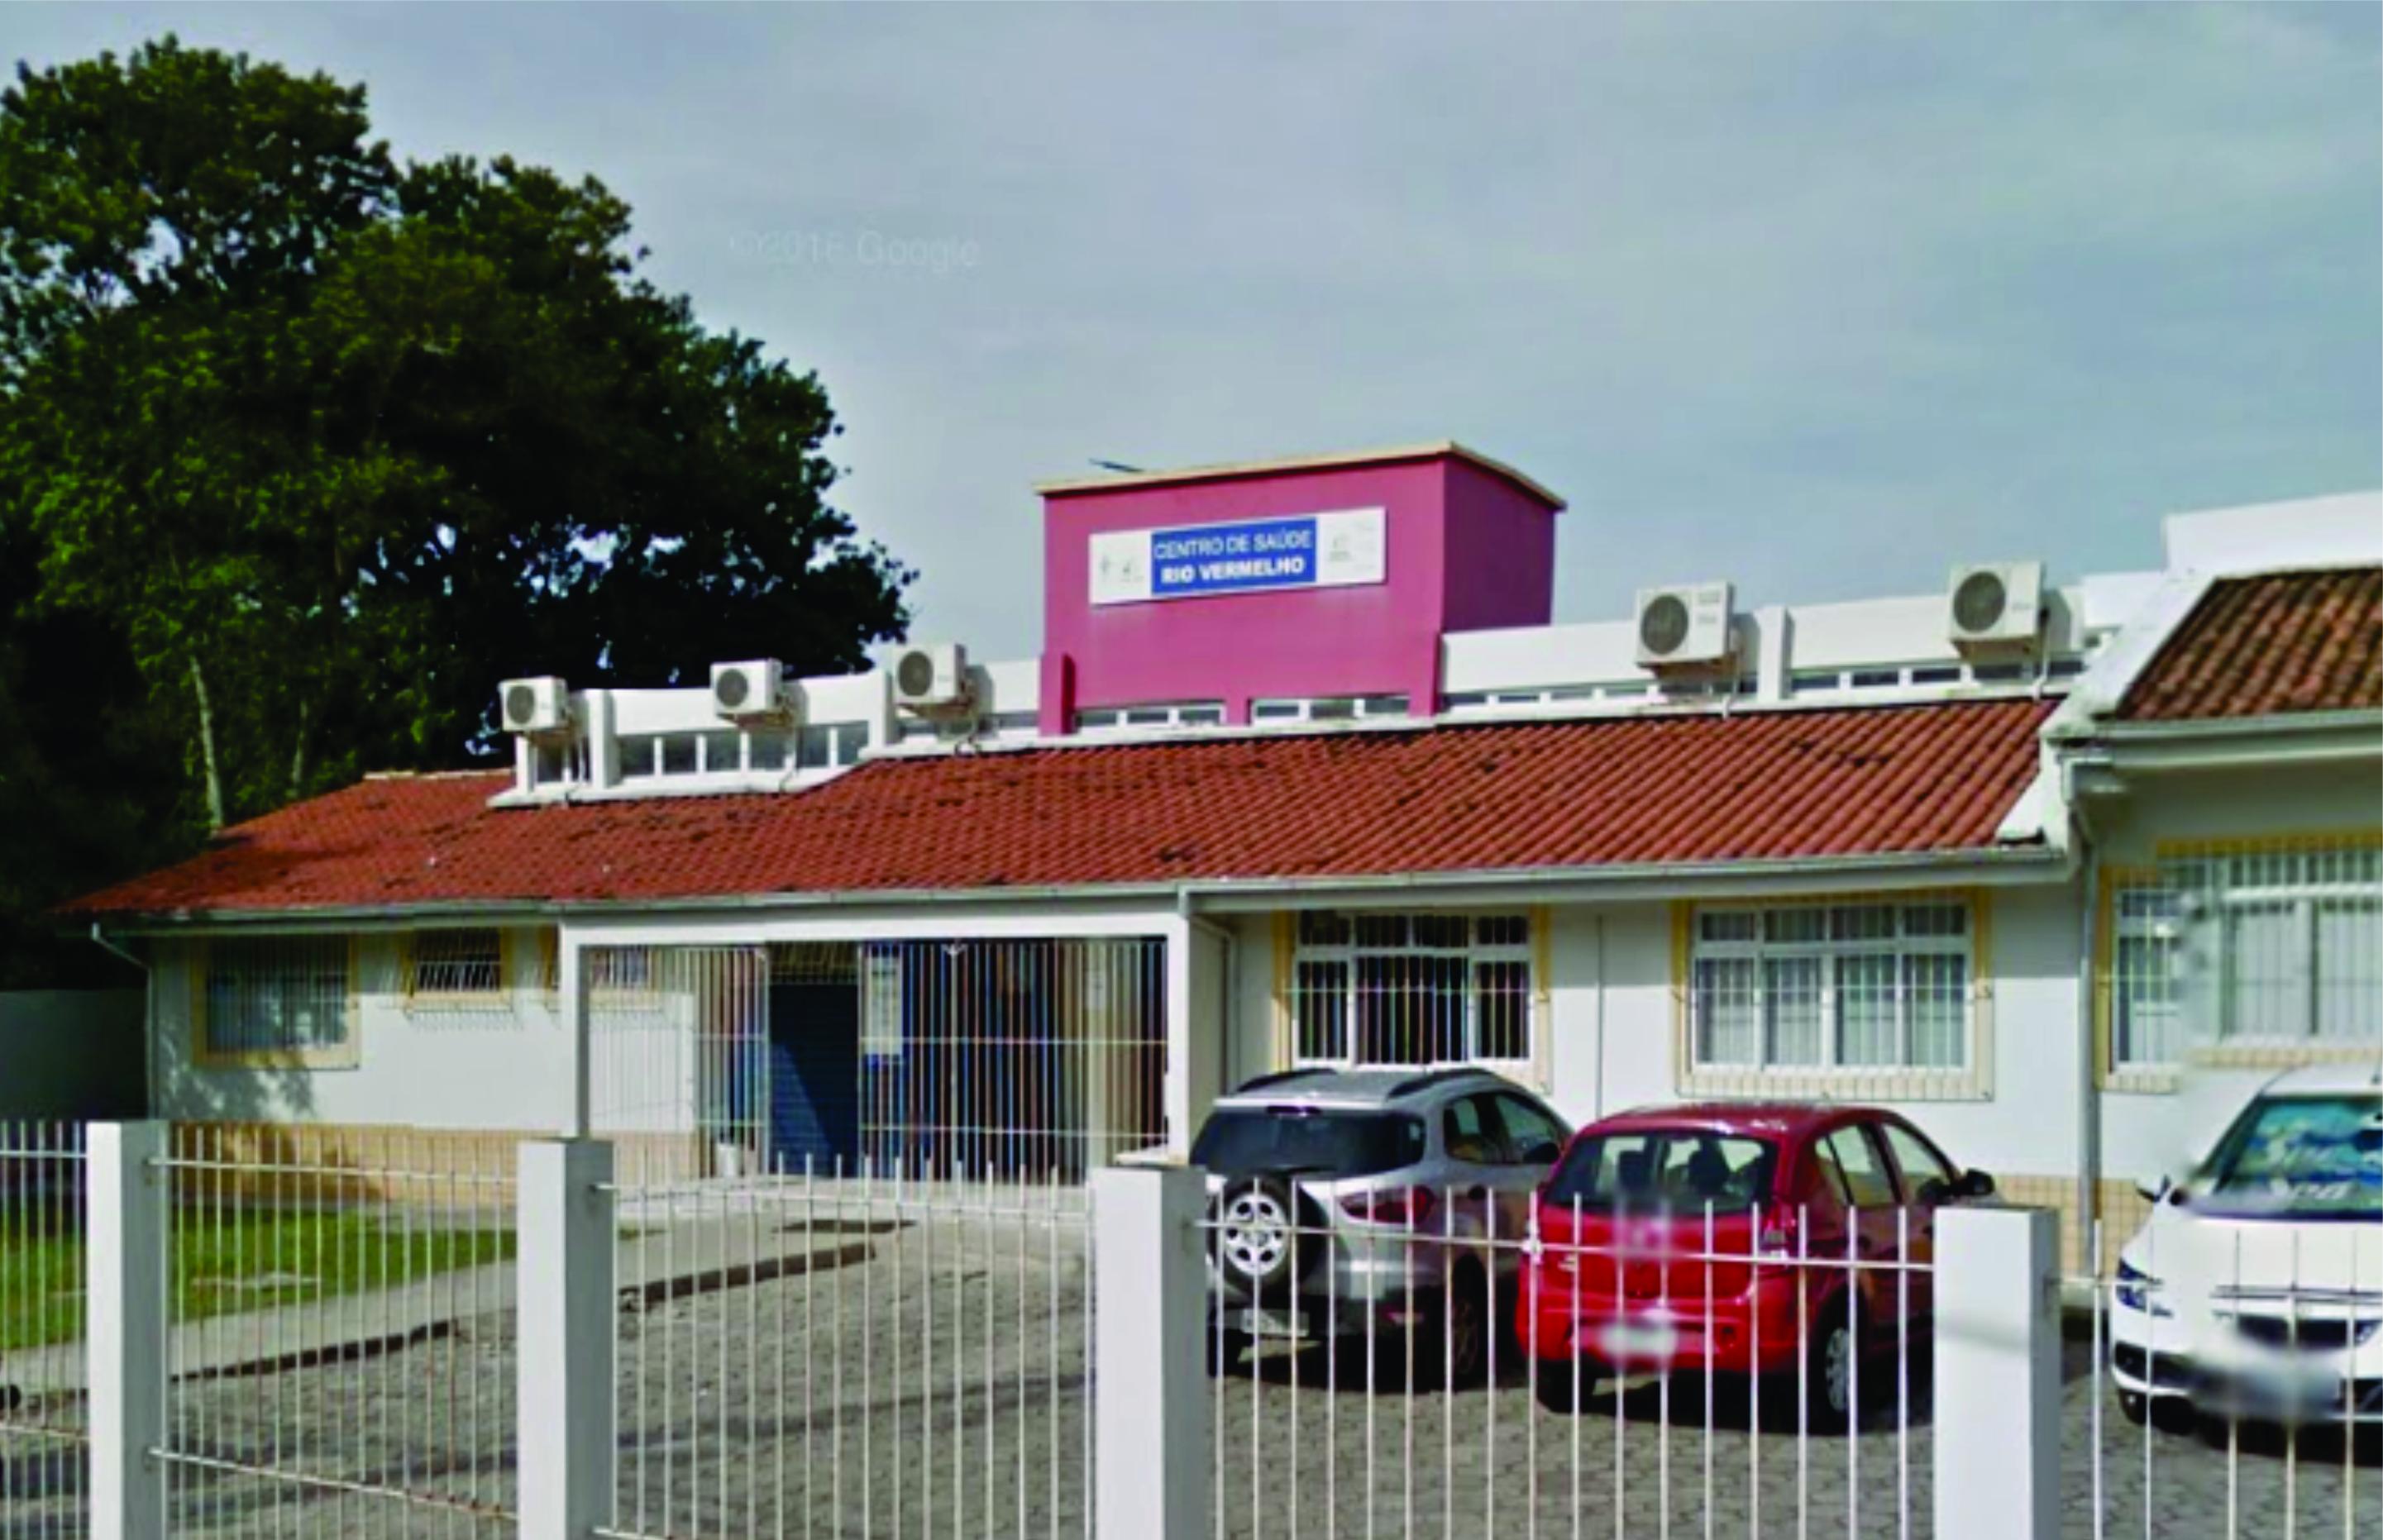 Problema em geladeira impede aplicação de vacinas no Rio Vermelho há 20 dias